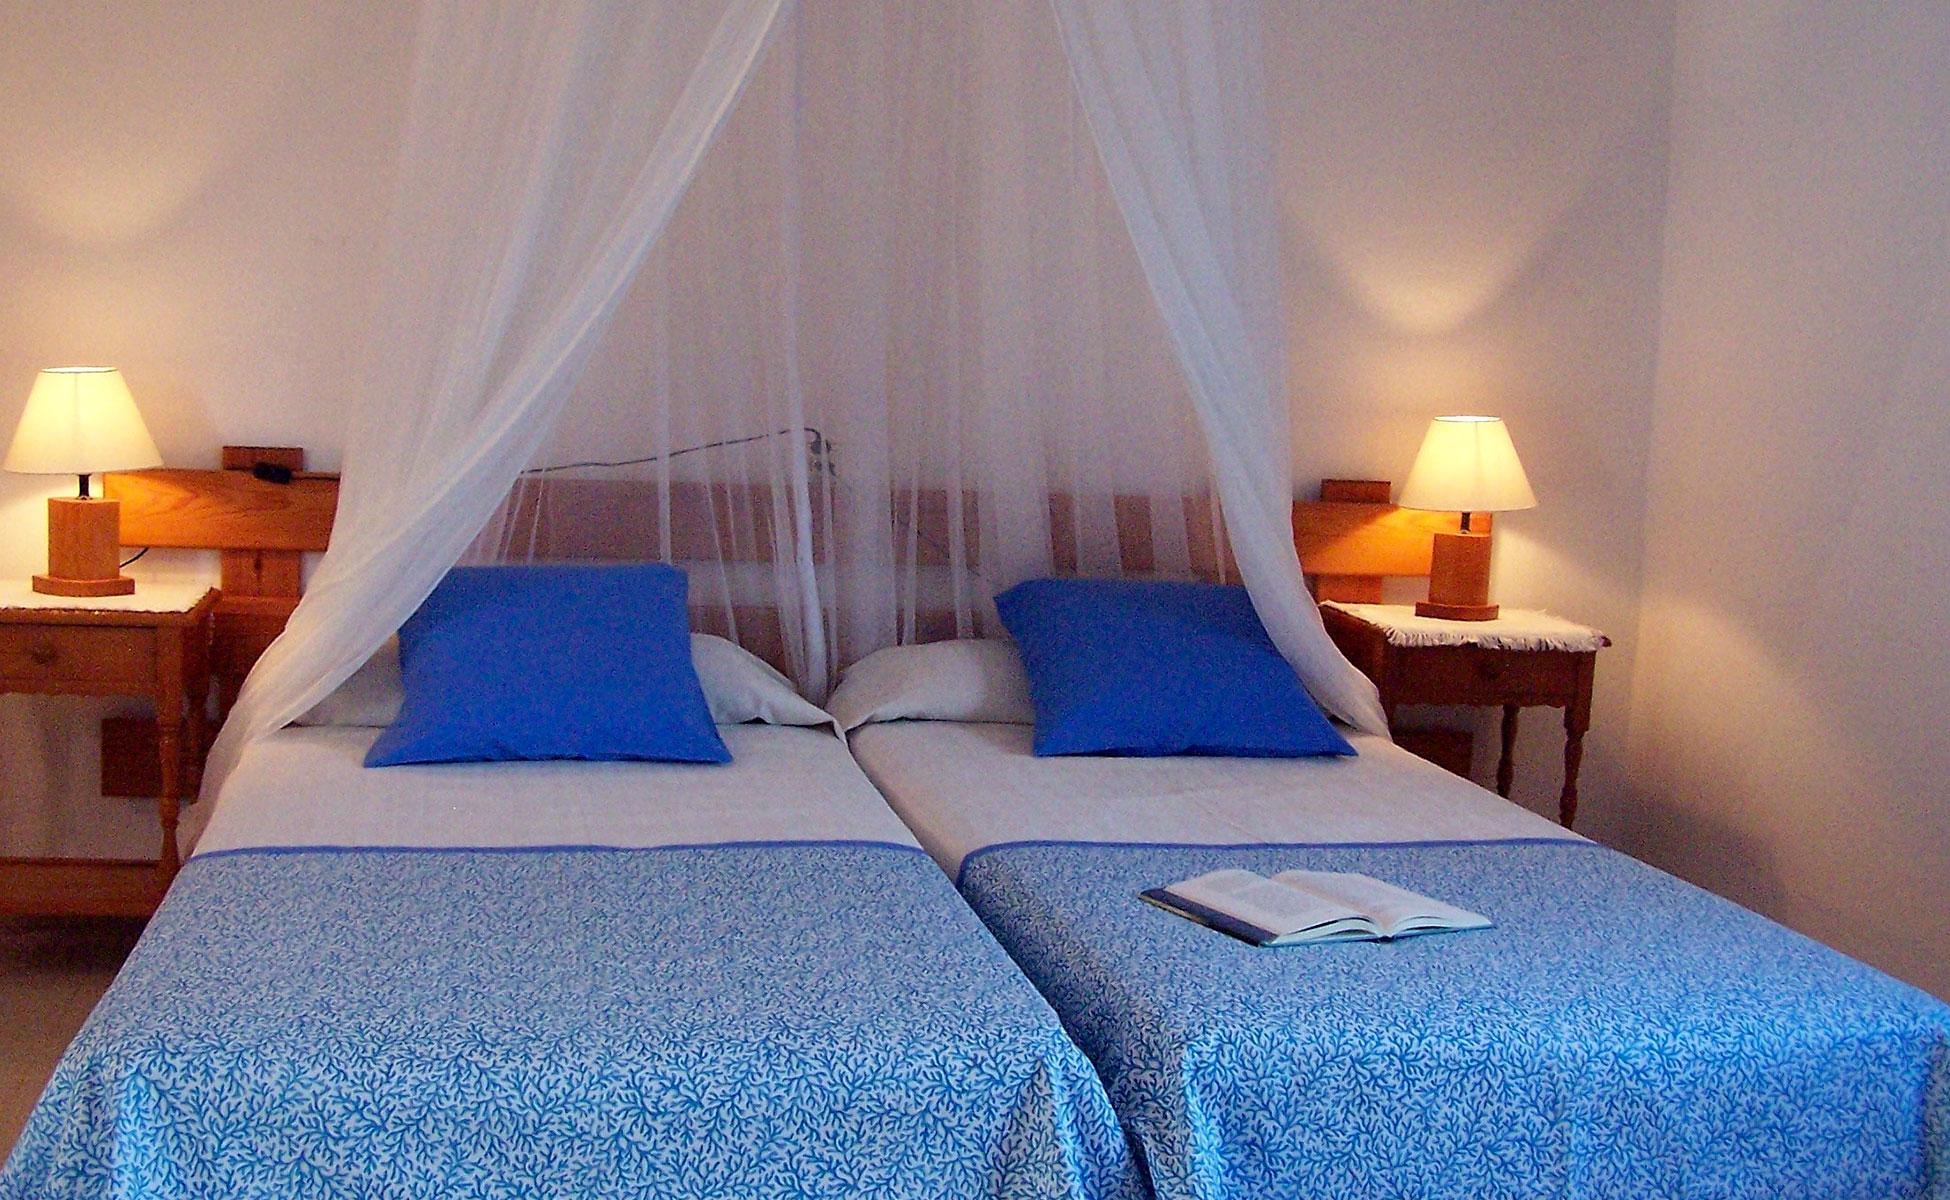 Alojamientos turísticos Cardona. Apartamento vacacional en Formentera